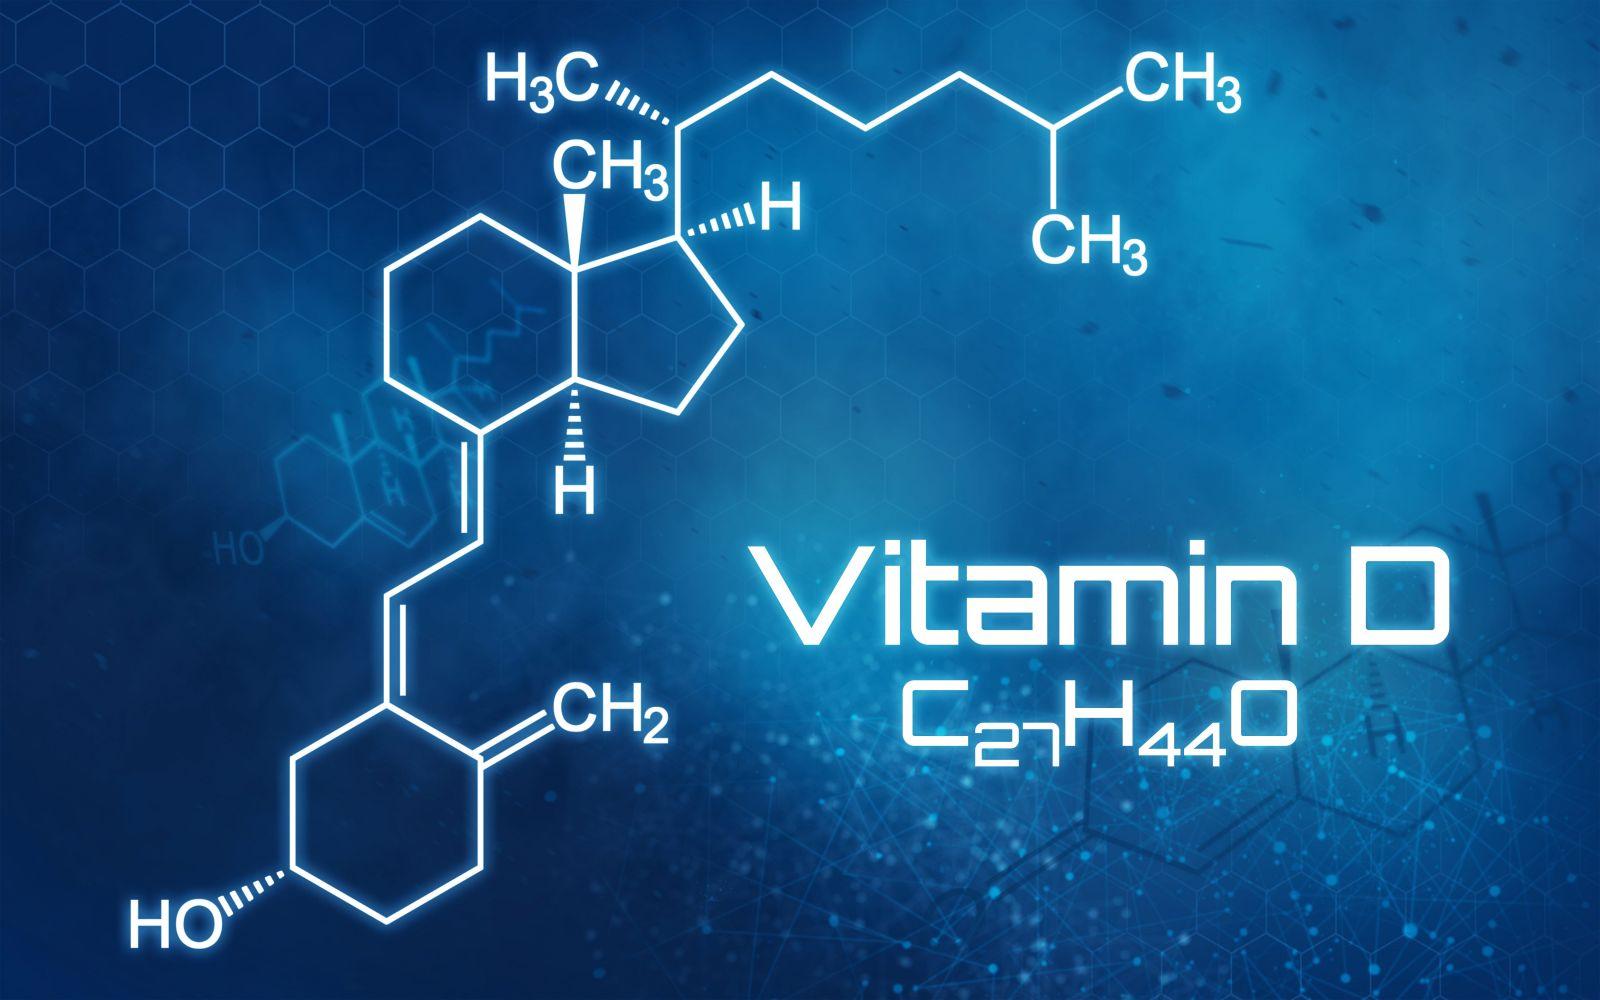 Bio-Zahnheilkunde - Vitamin D3 - Chemische Zusammensetzung - denecke zahmedizin